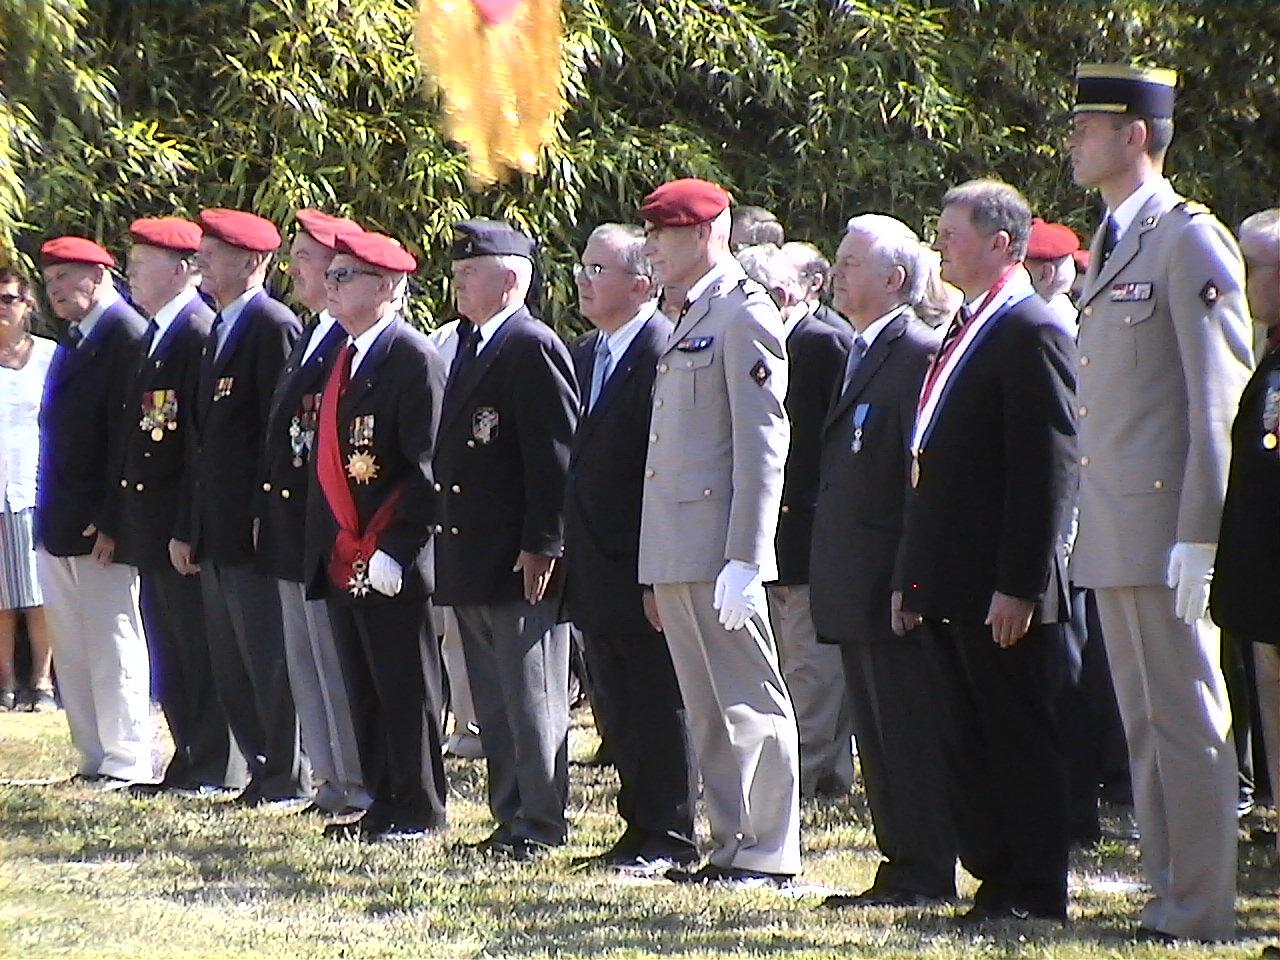 Cérémonie en hommage au Général BIGEARD au mémorial de Lauzach (56) 957188DVC02501